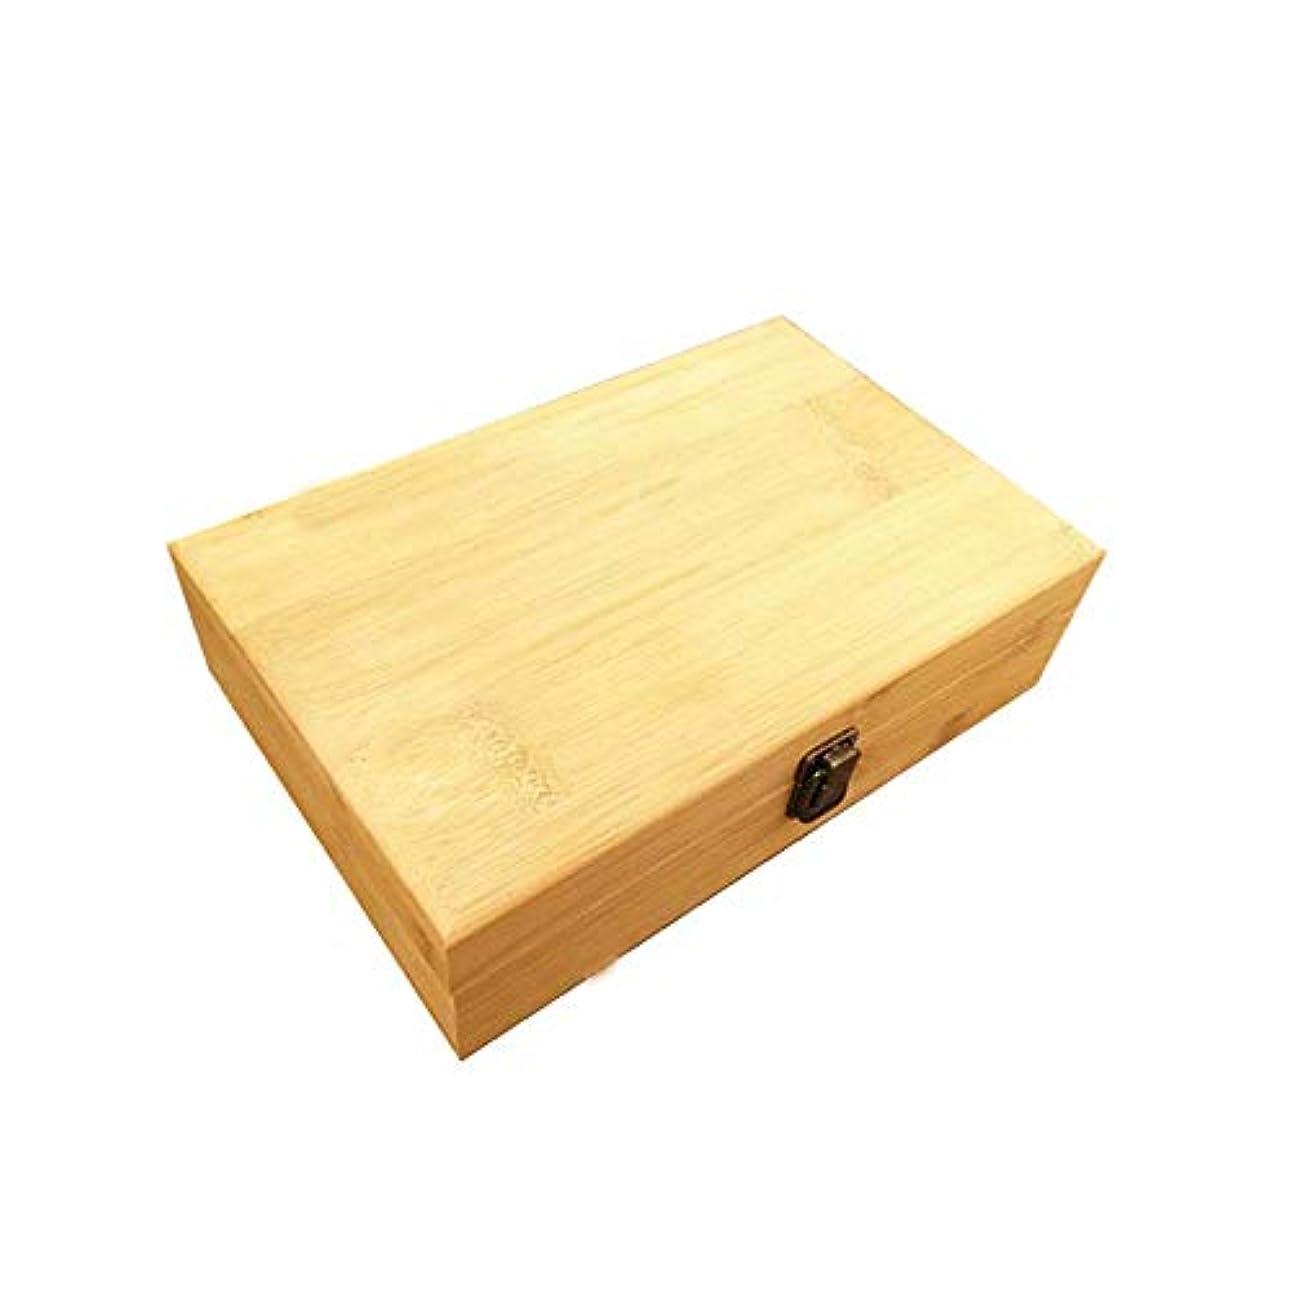 教抜粋取り出す40スロットエッセンシャルオイルボックス木製収納ケースは、40本のボトルエッセンシャルオイルスペースセーバーの開催します アロマセラピー製品 (色 : Natural, サイズ : 29X18.5X8CM)